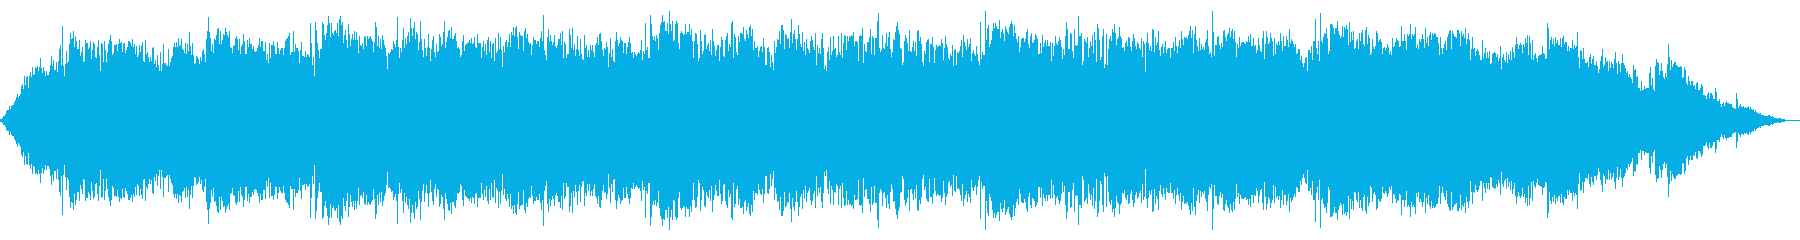 スピリチュアルなケーナ即興音楽の再生済みの波形